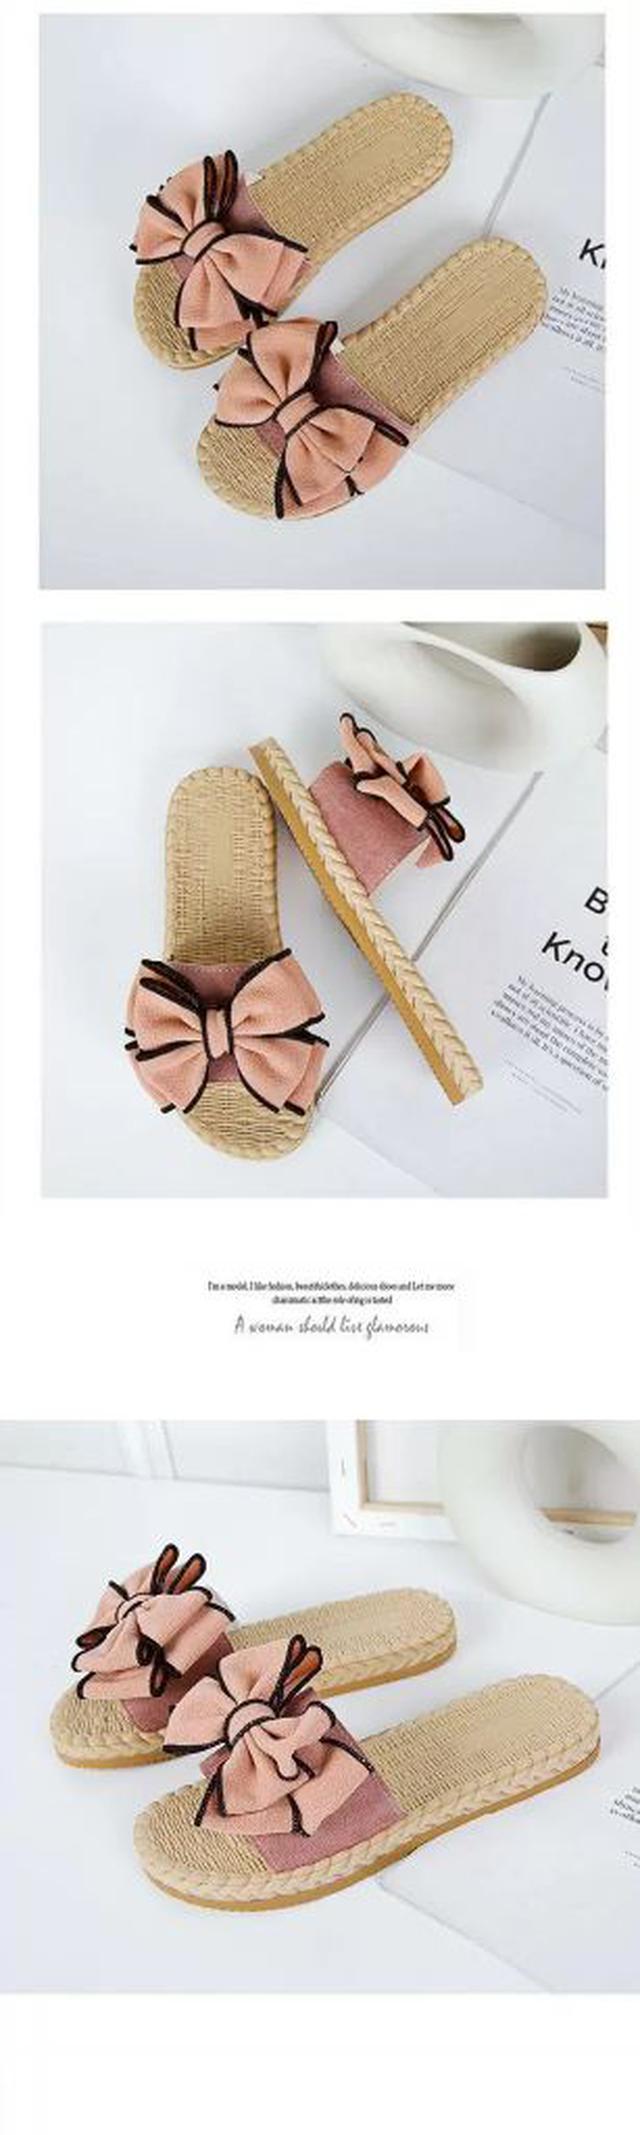 超美立體蝴蝶結 拖鞋